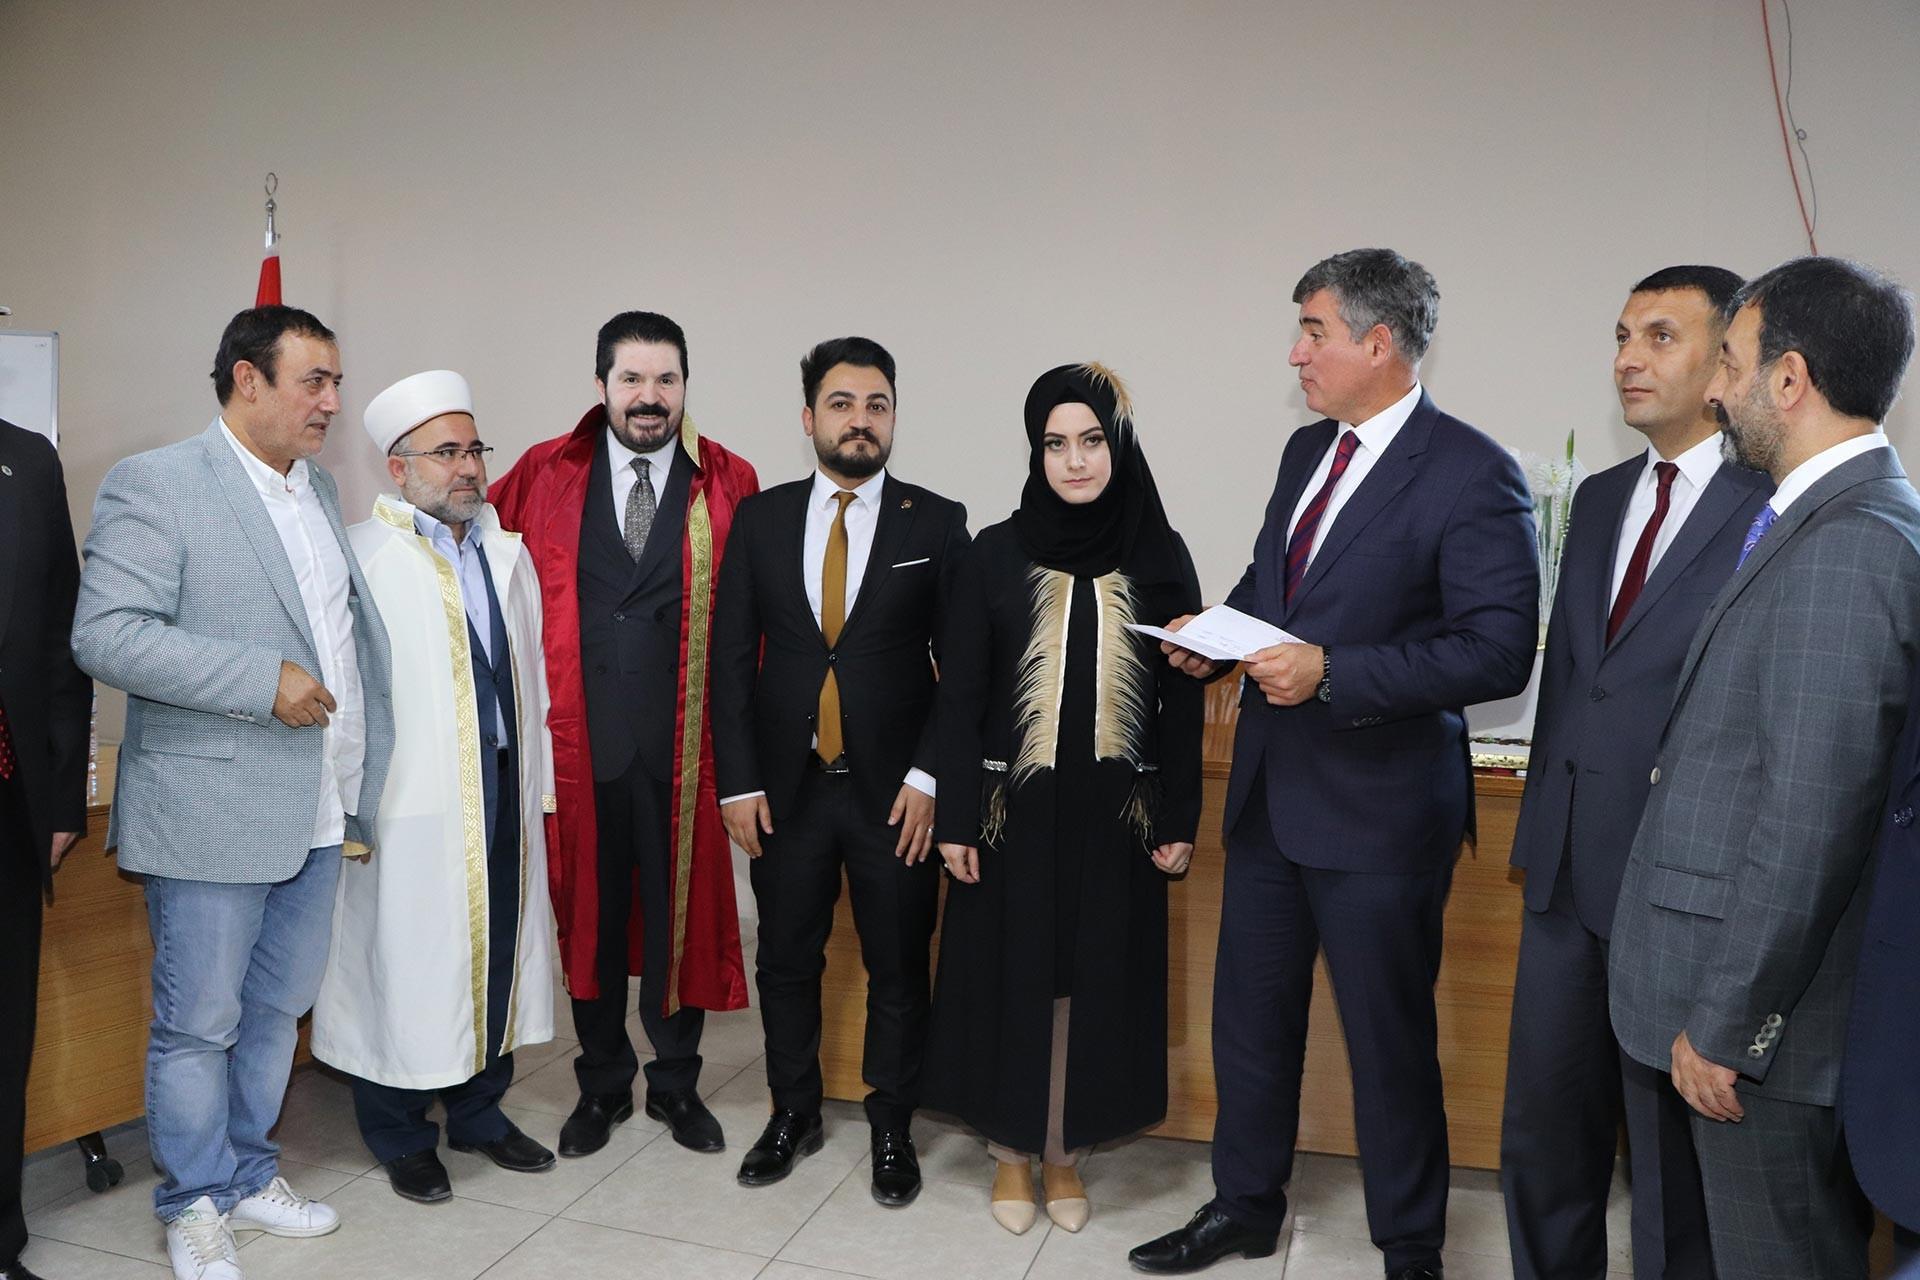 Ağrı'da belediye binasındaki dini nikaha TBB Başkanı Metin Feyzioğlu şahitlik yaptı